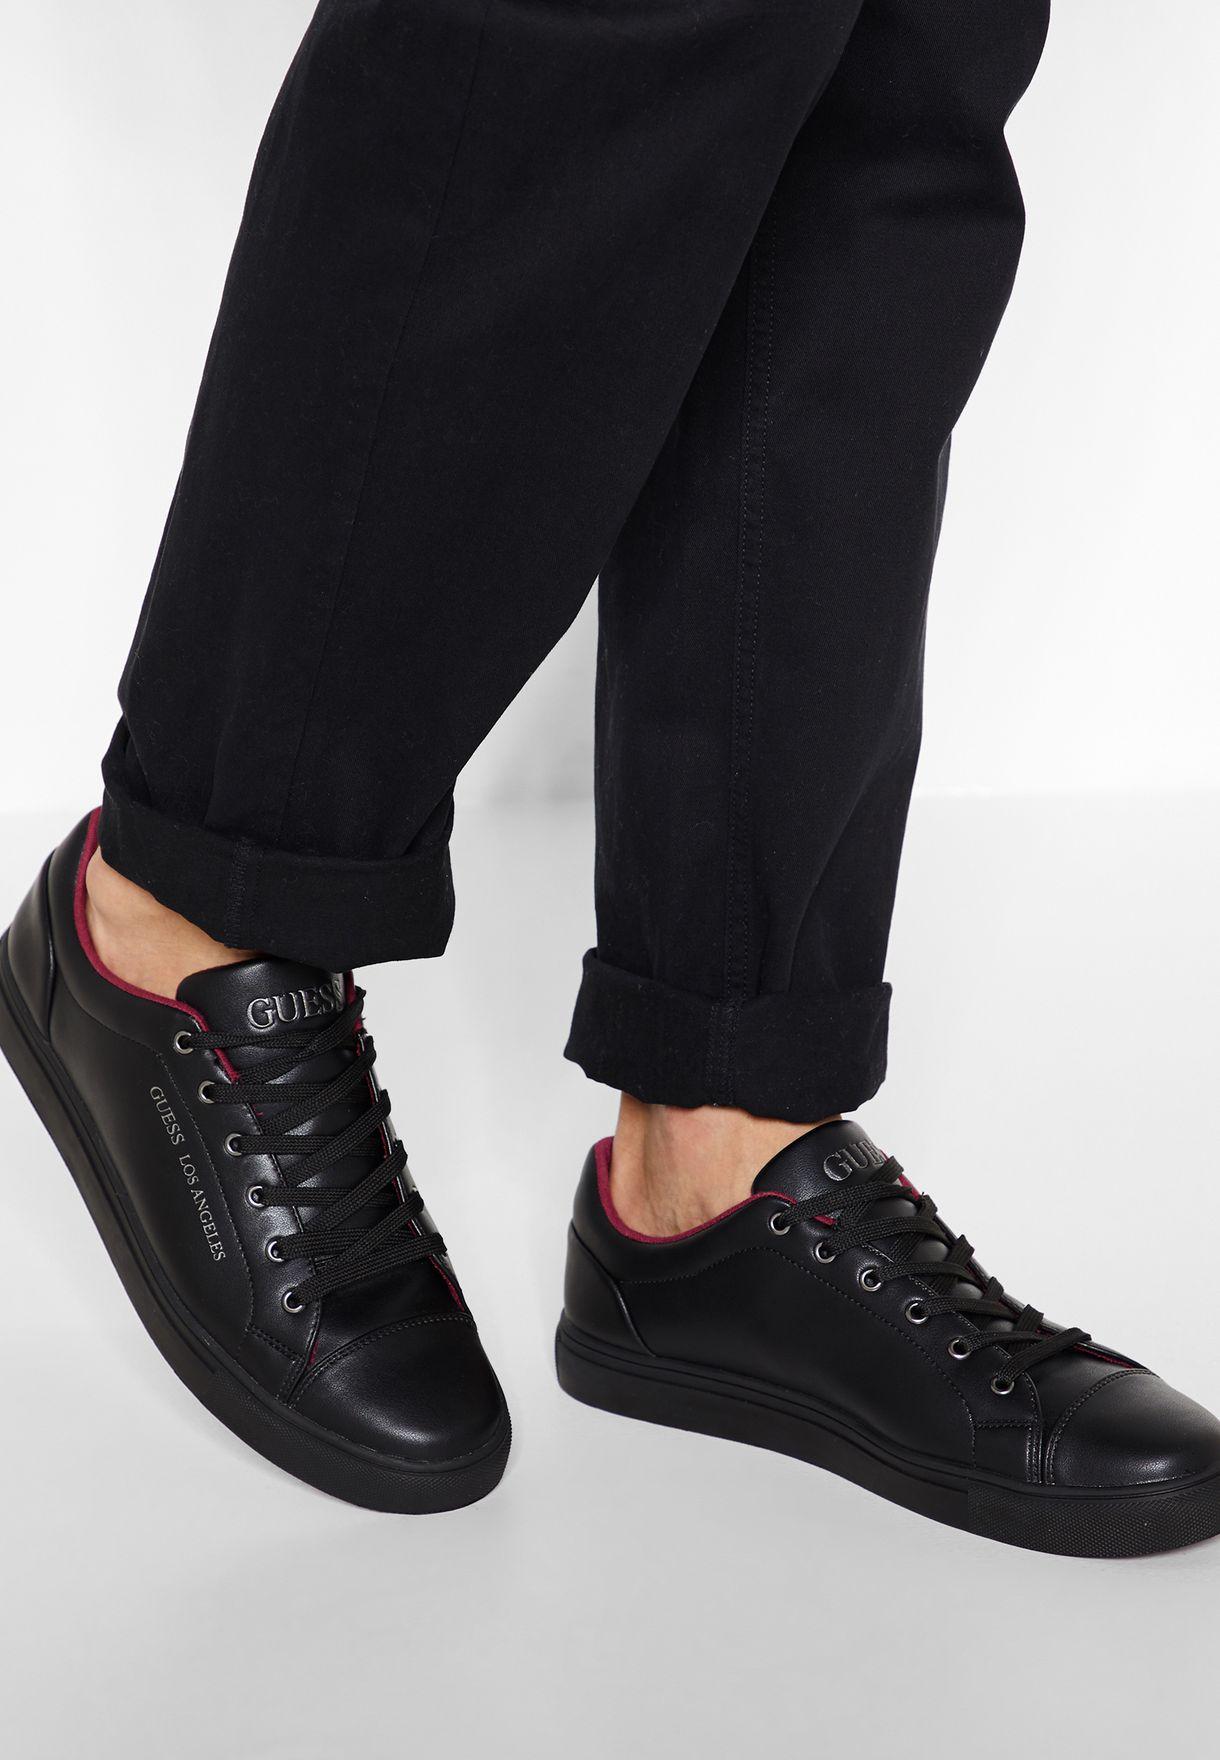 Luiss Sneakers